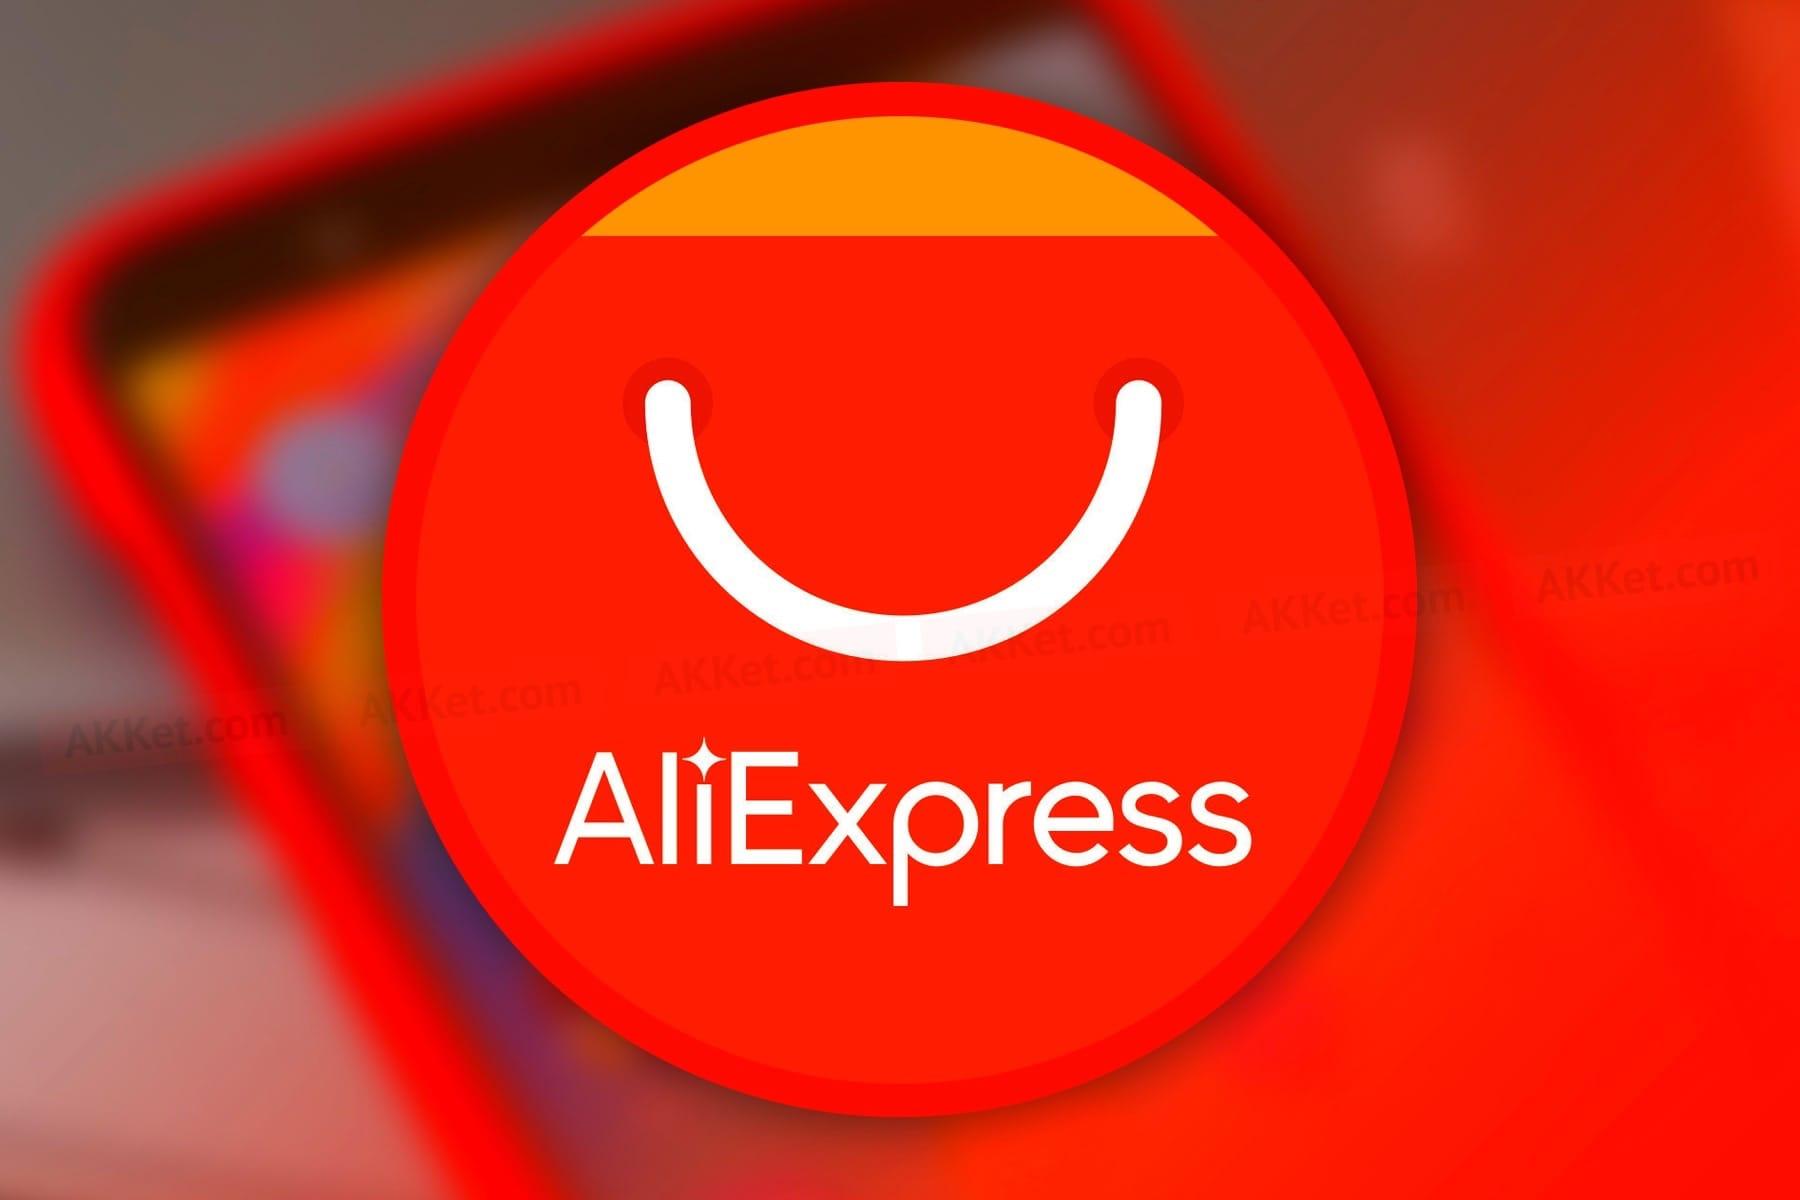 AliExpress хочет запустить программу лояльности для русских клиентов